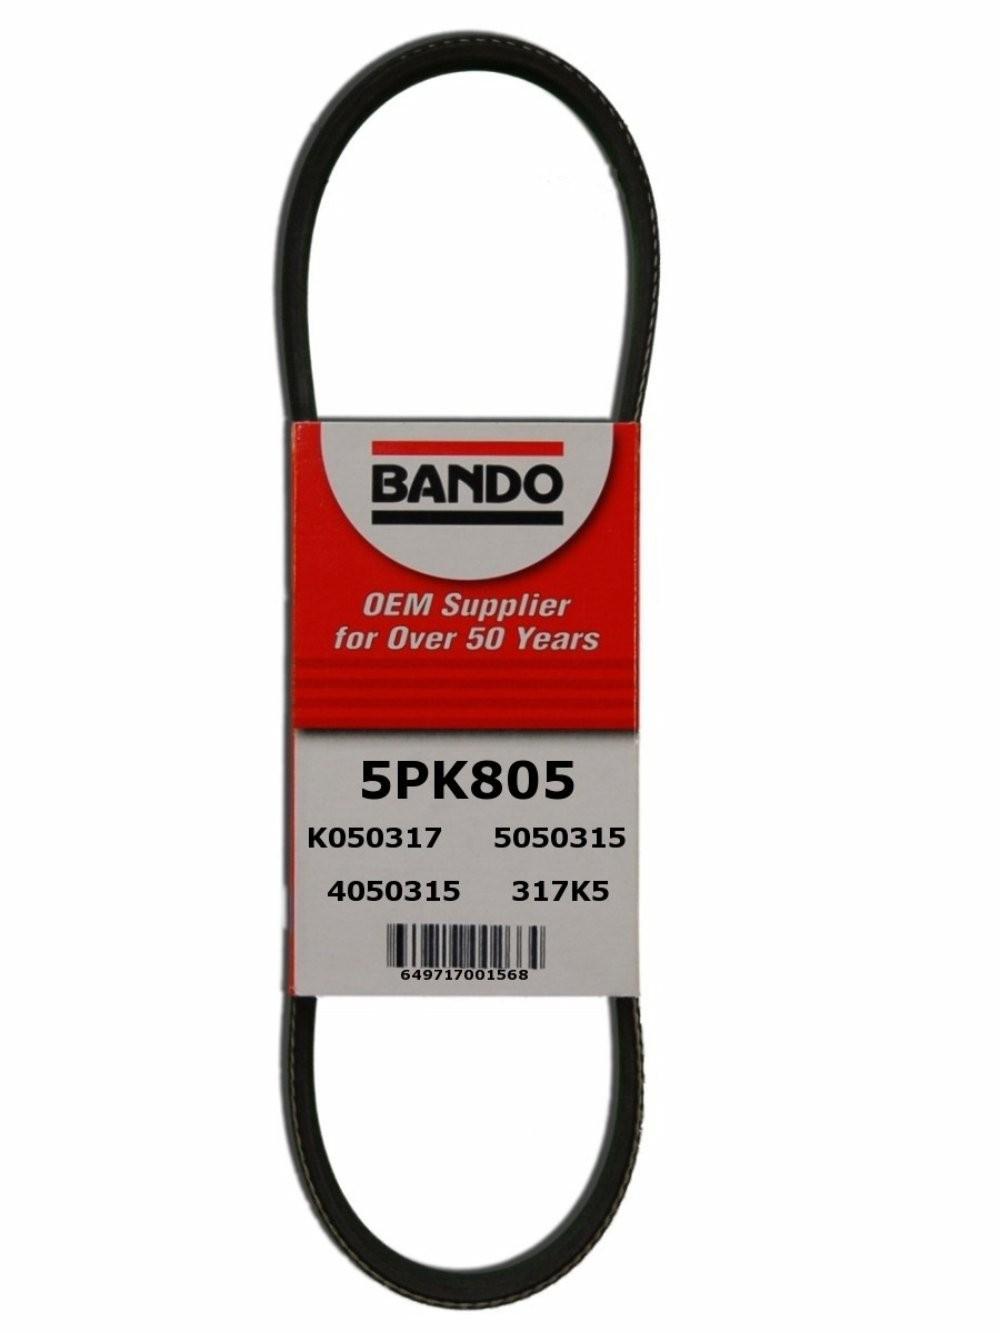 NAPA AUTOMOTIVE 25-050316 Replacement Belt